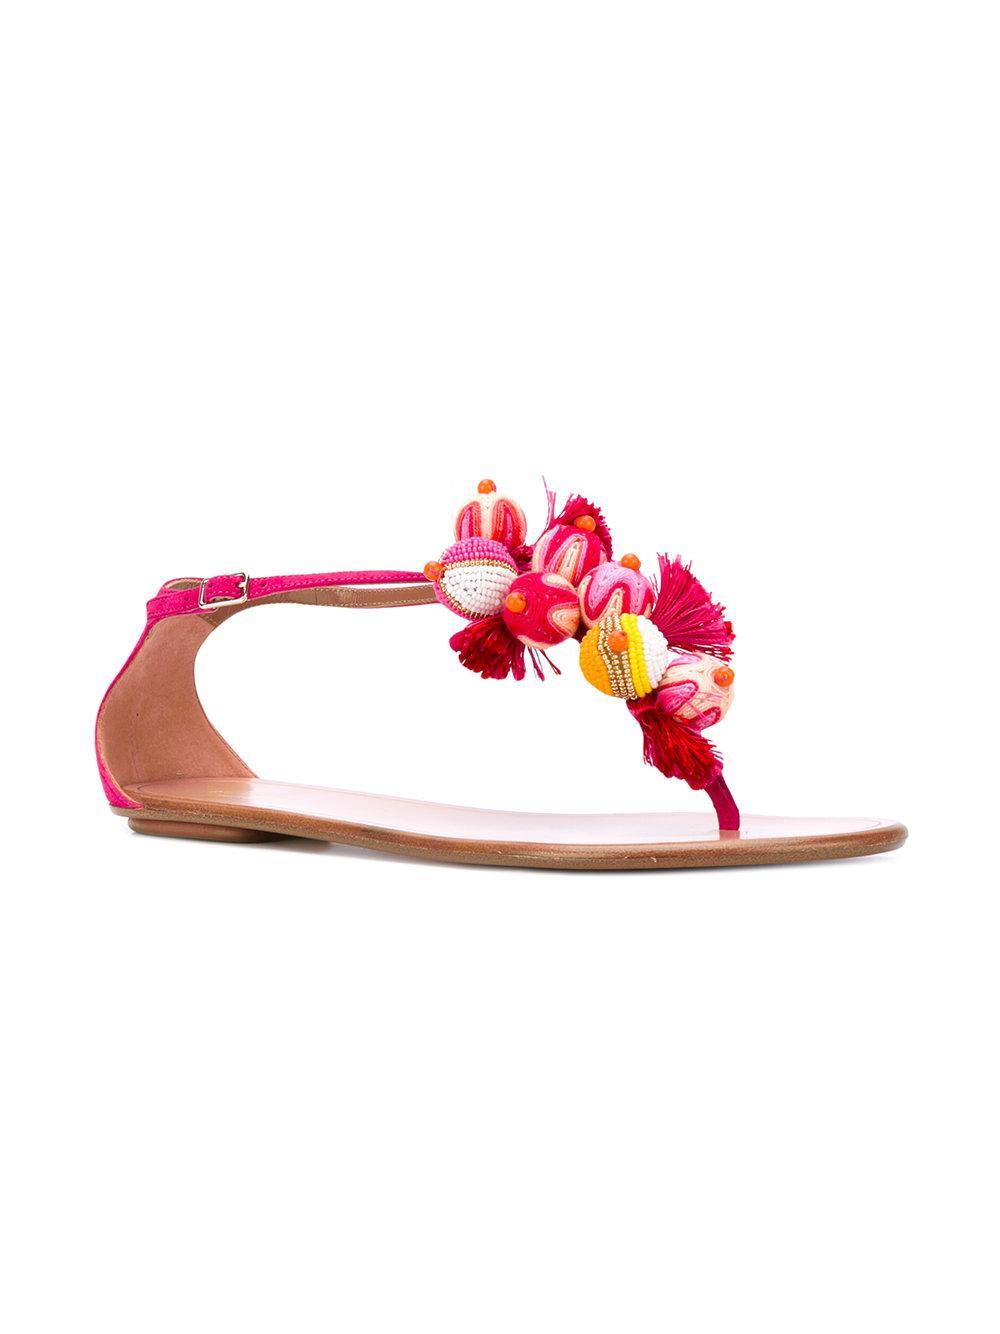 1c92a4b3d Lyst - Aquazzura  tropicana  Flat Sandals in Pink